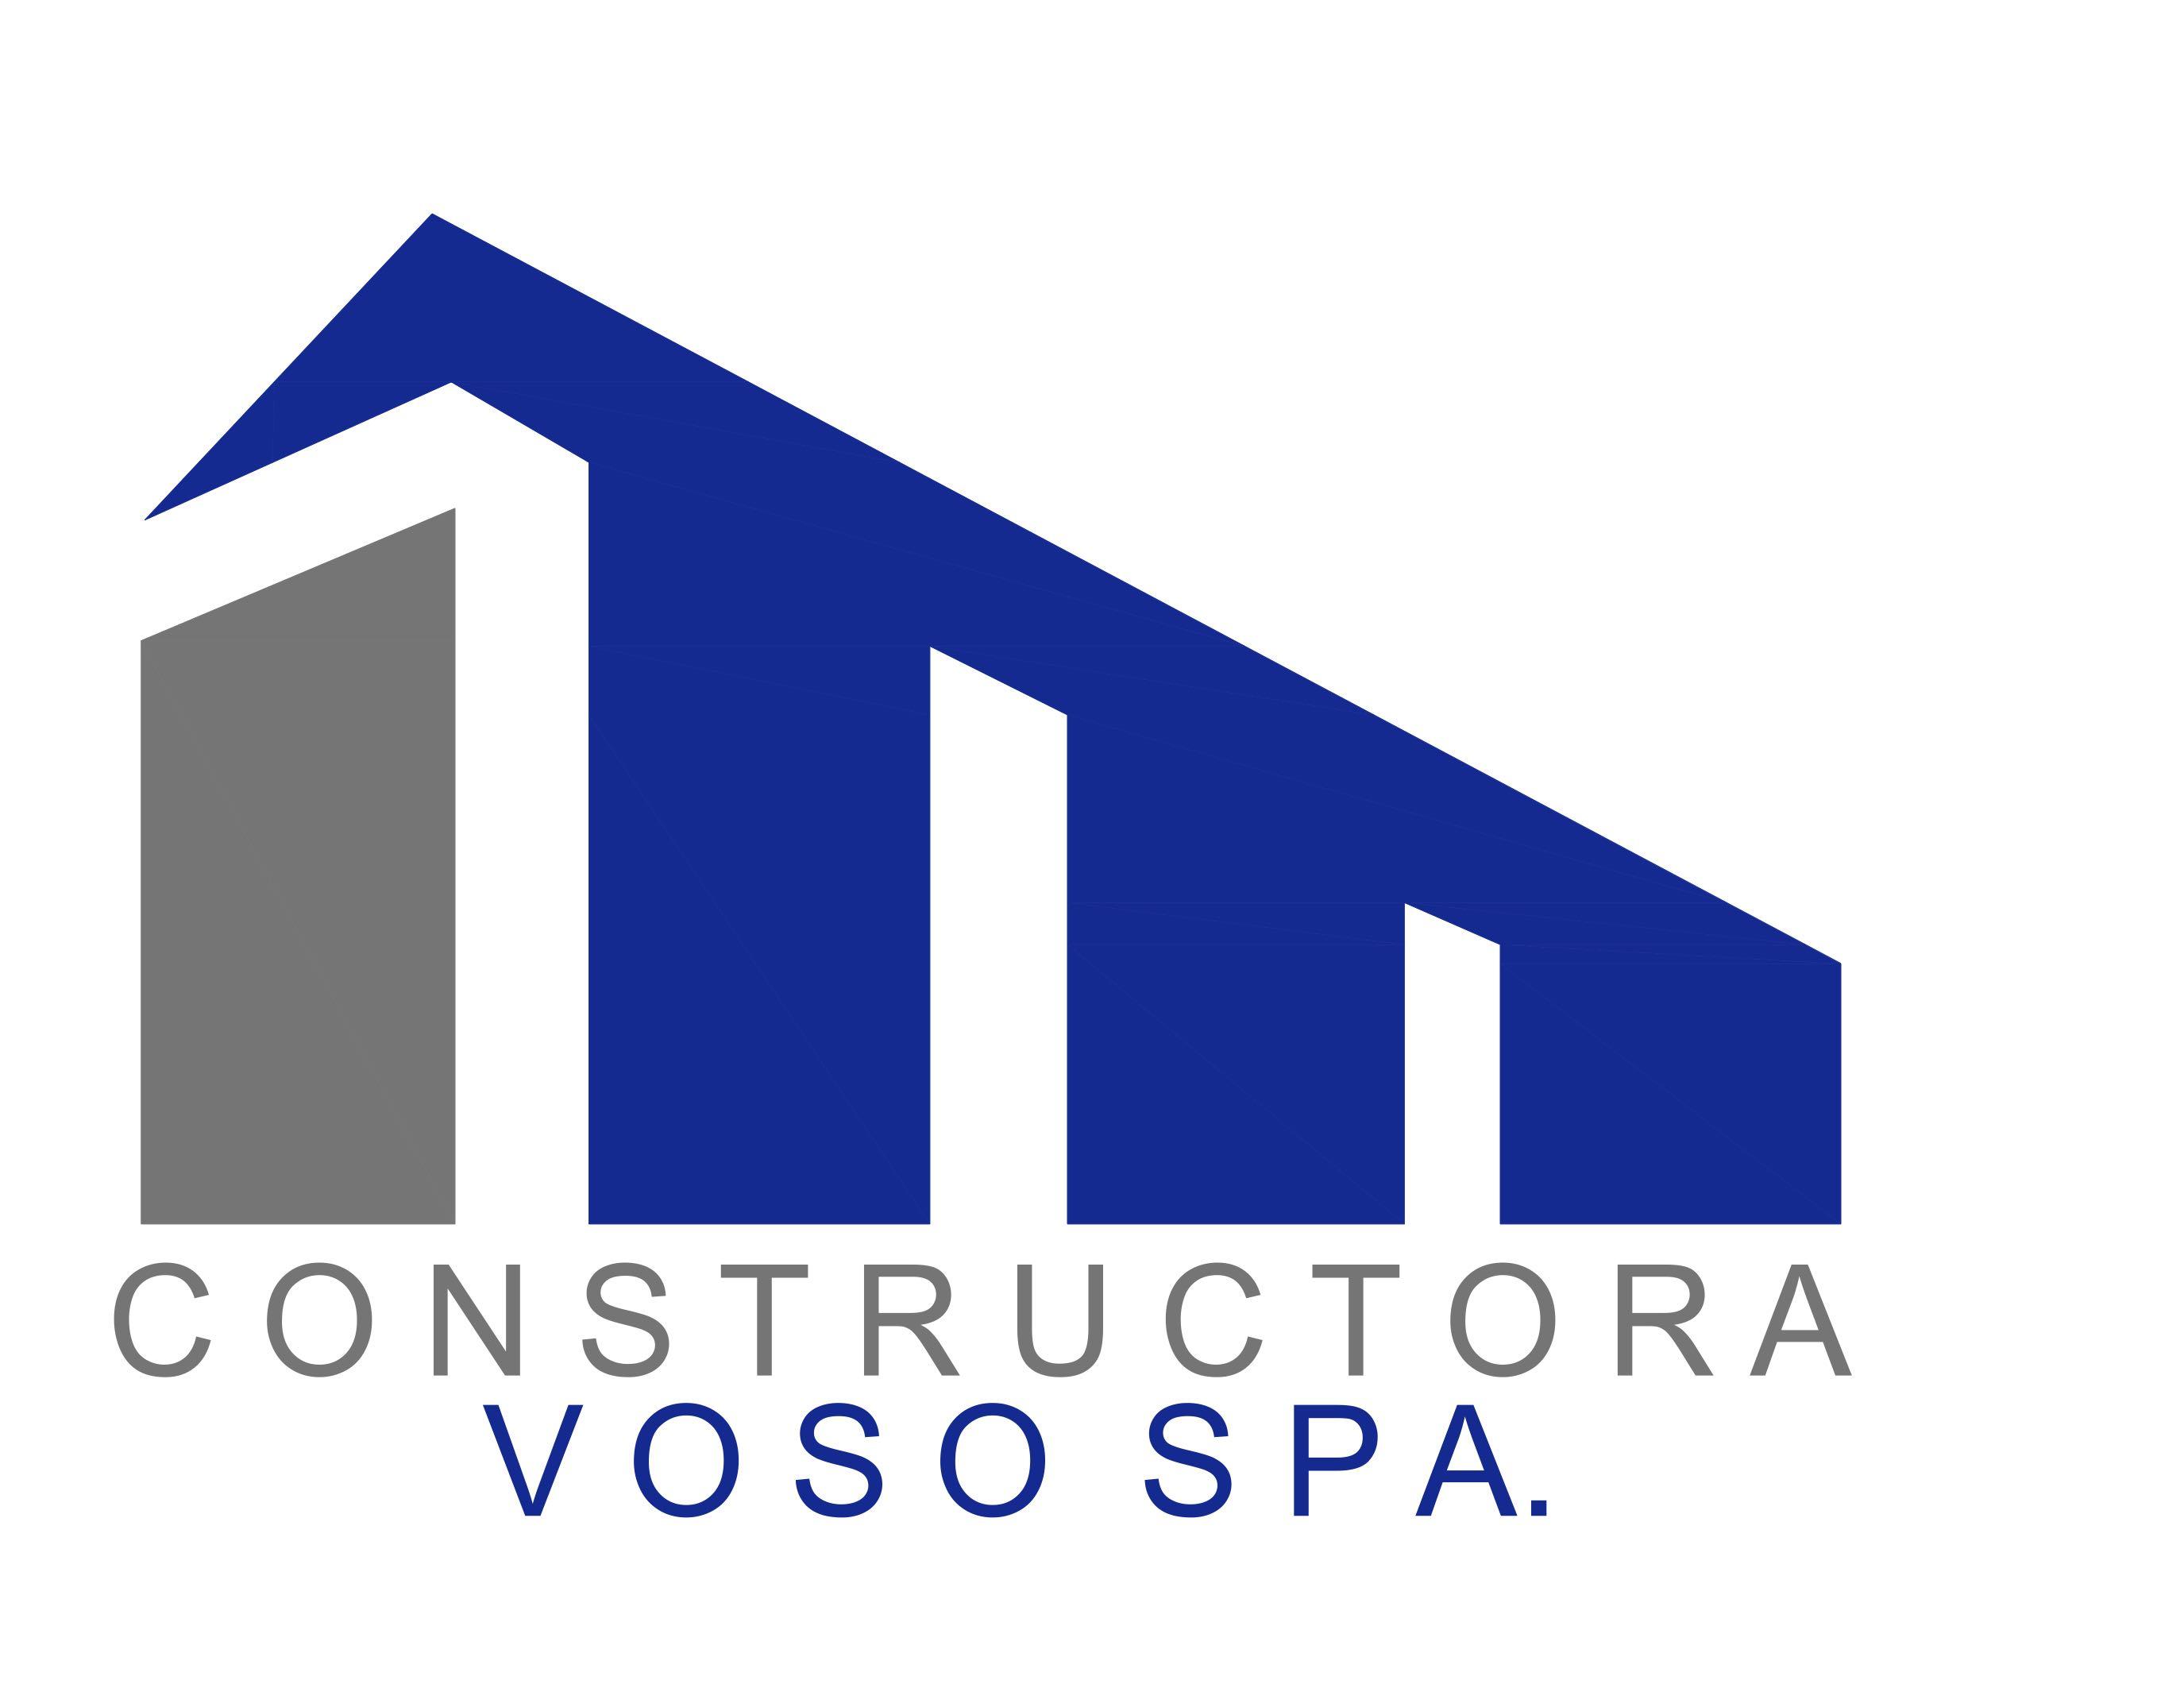 Constructora Voso Spa